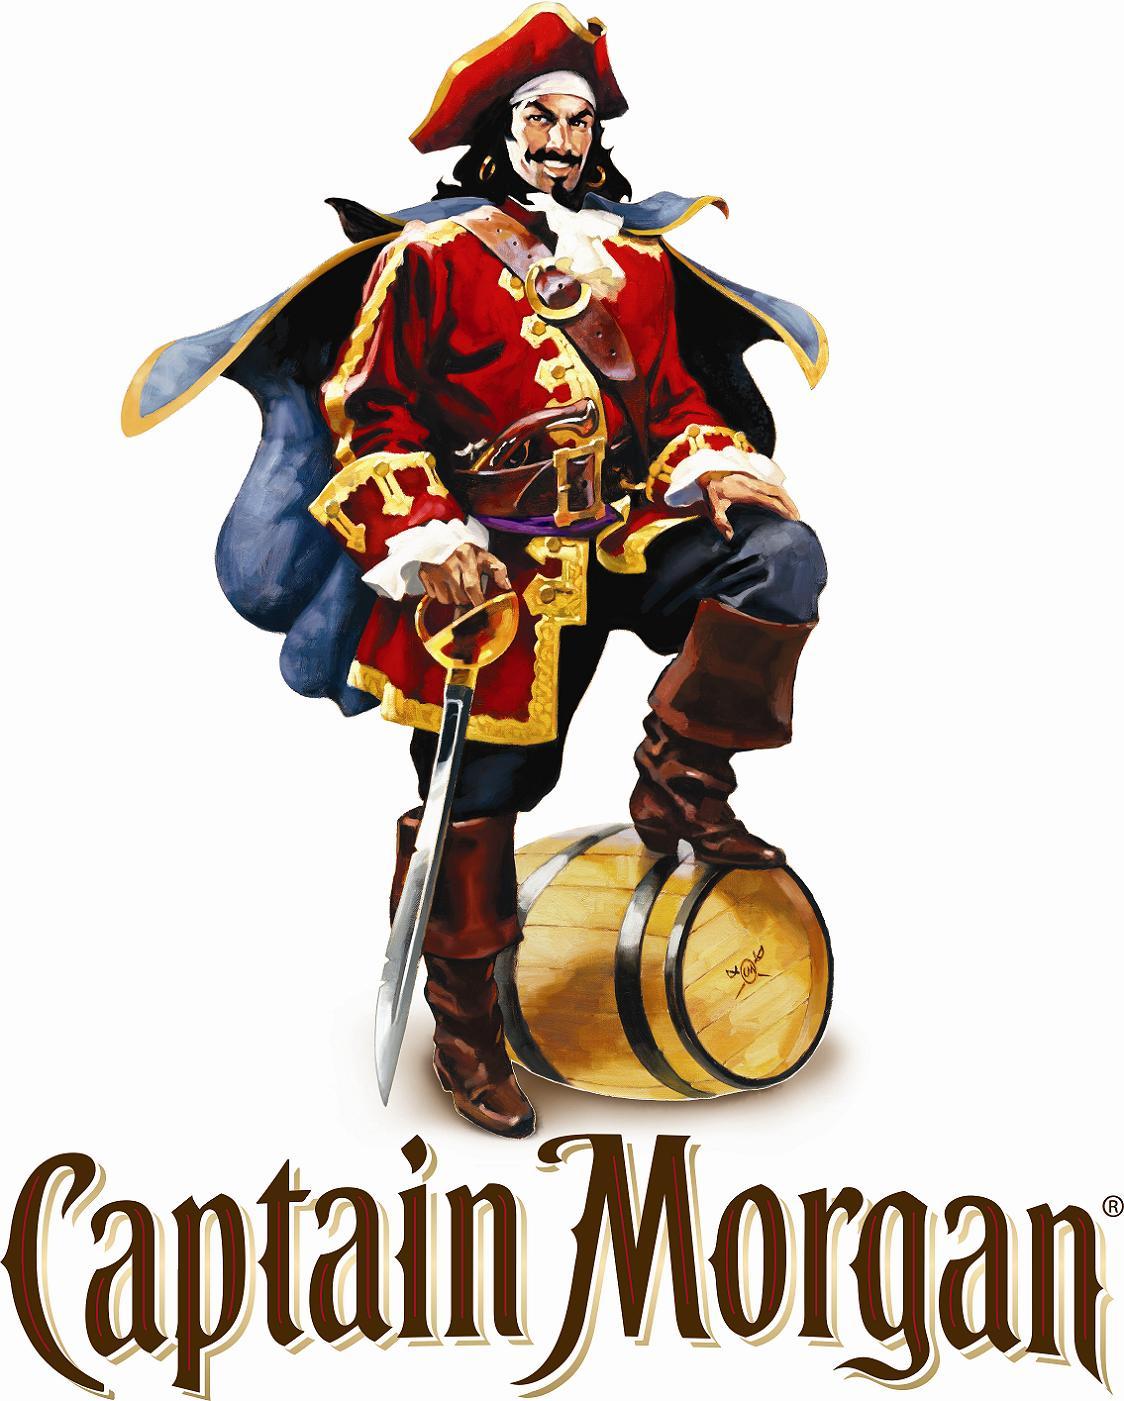 EL INFORMATORIO: Captain Morgan regala 50 botellas de ron ...